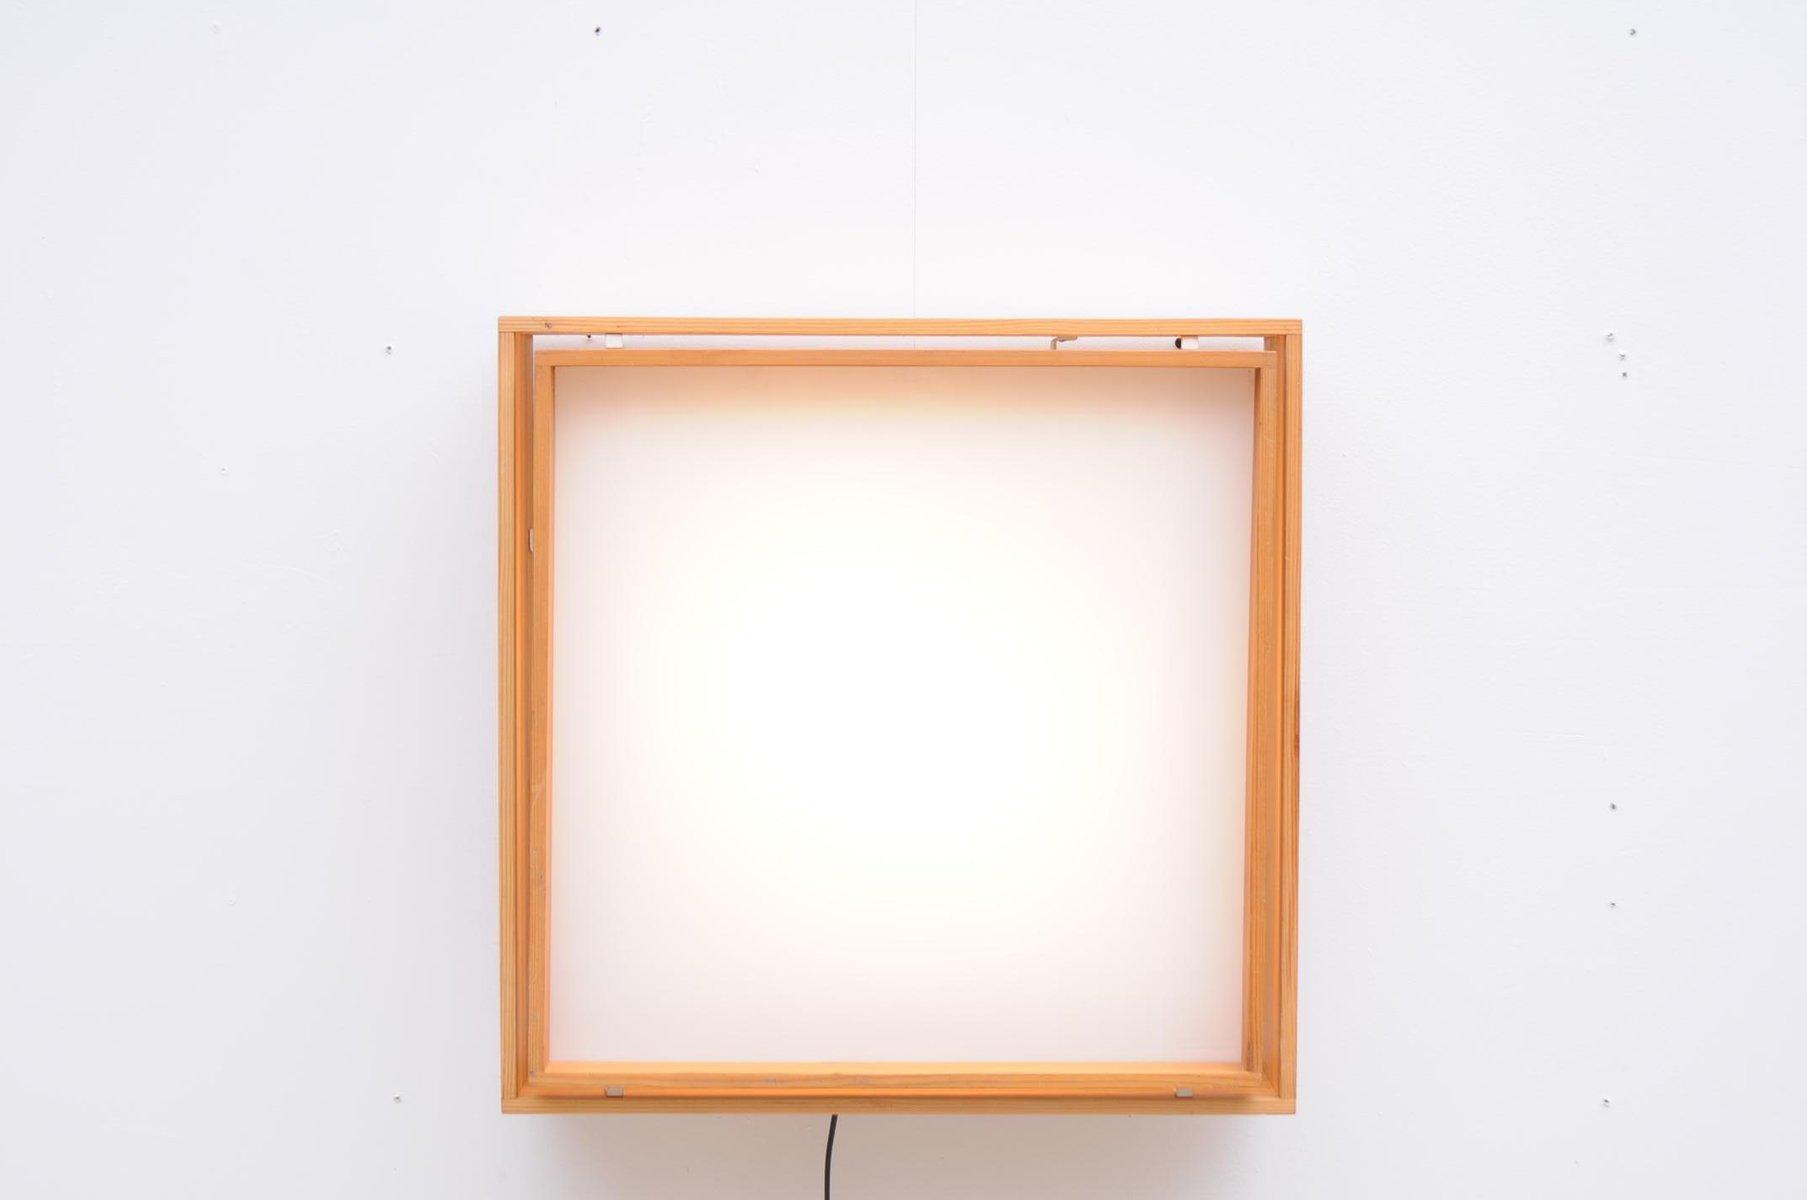 d nische vintage deckenlampe aus holz glas bei pamono kaufen. Black Bedroom Furniture Sets. Home Design Ideas